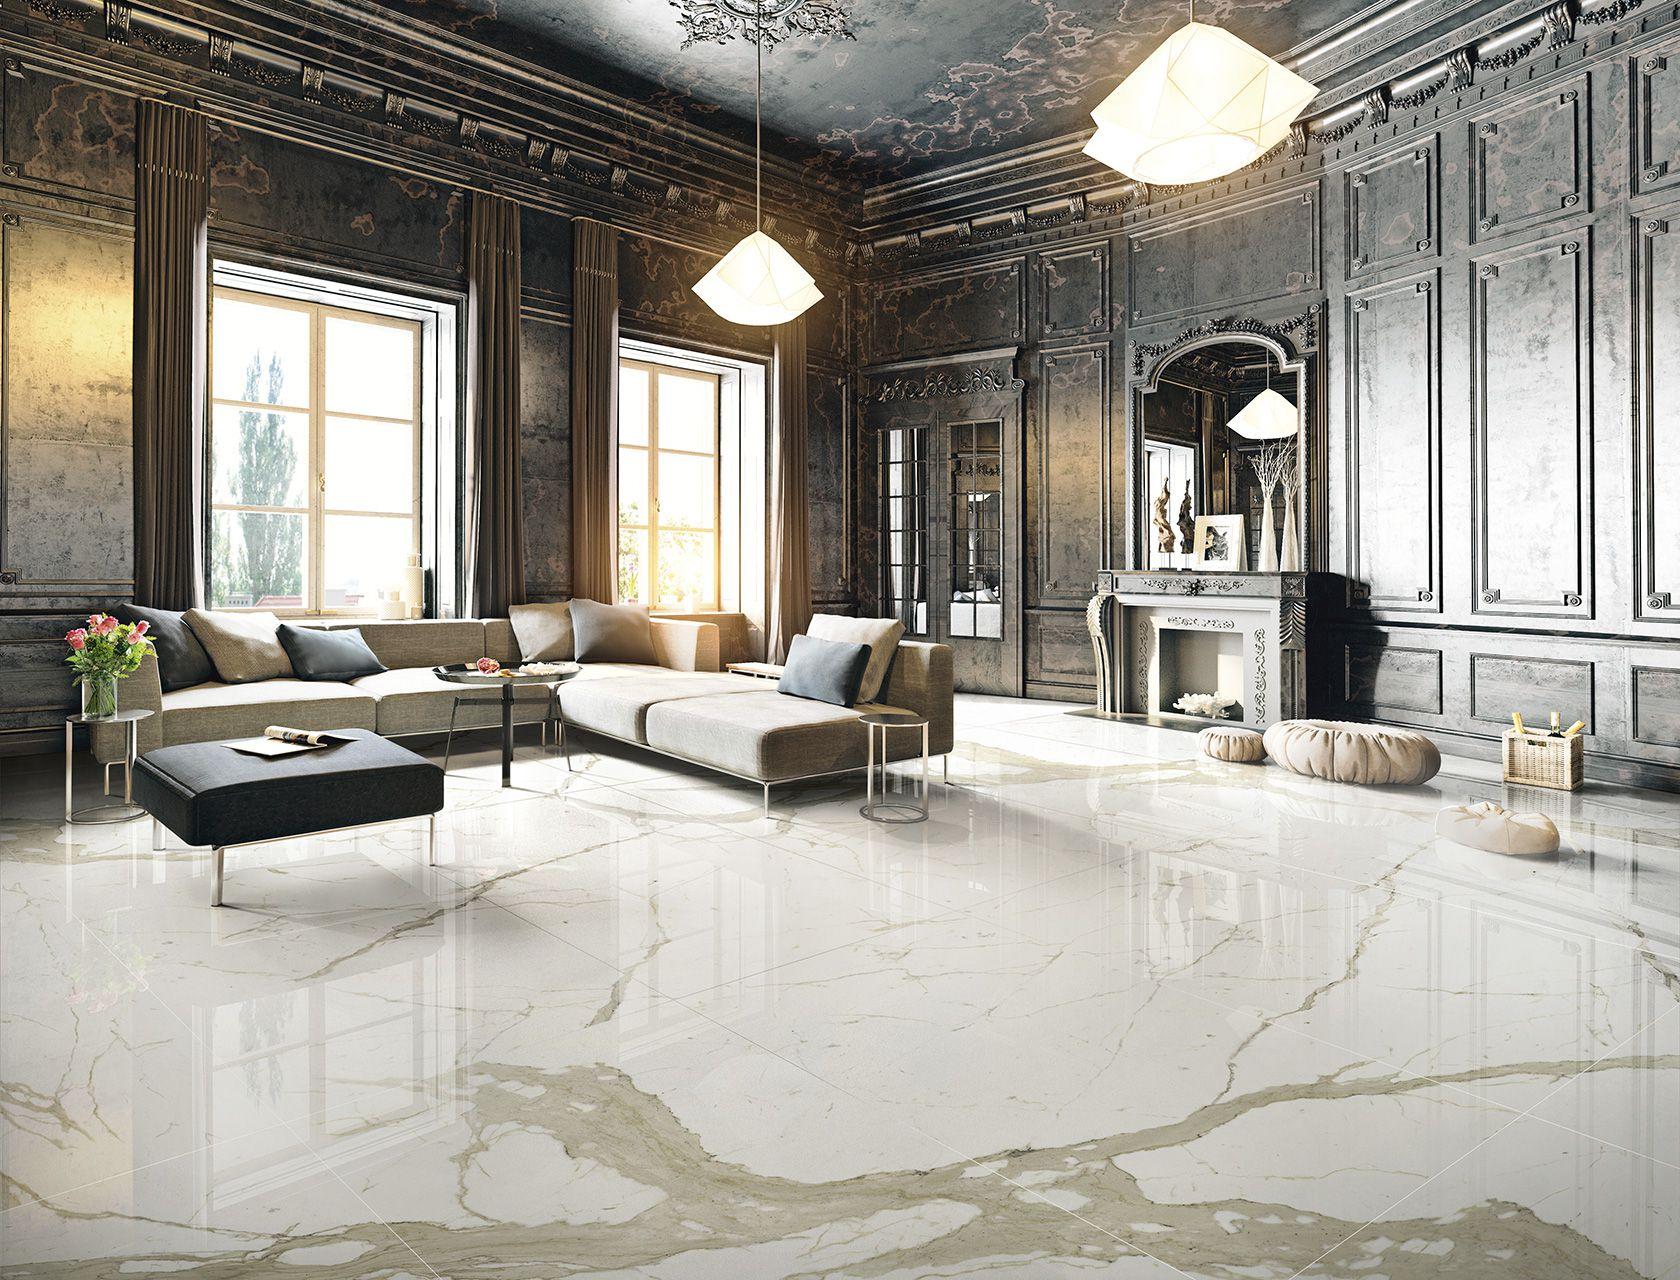 Marmi pavimento effetto marmo in gres porcellanato